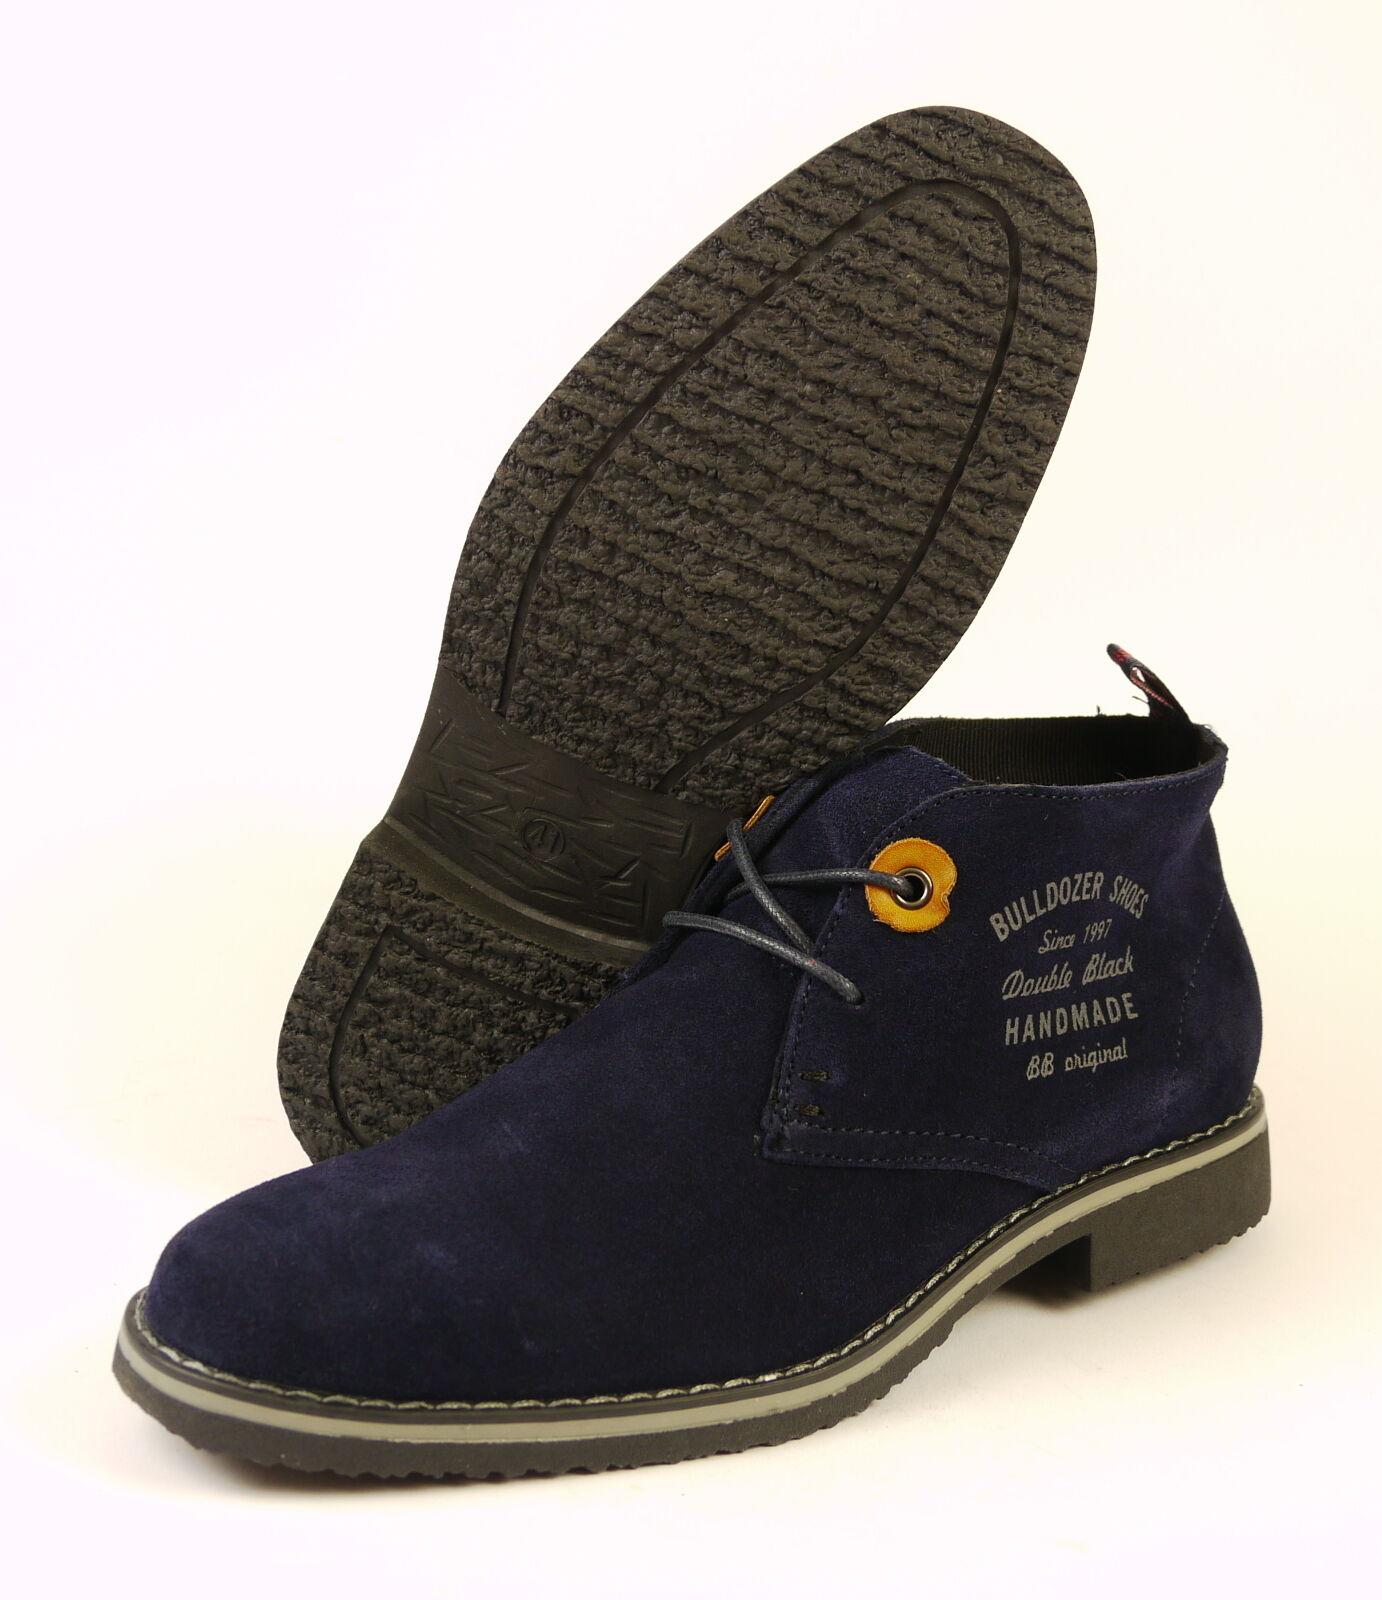 Bulldozer 52117 Herren Leder Schnürstiefelette Boots Größe 41 - 44 NEU